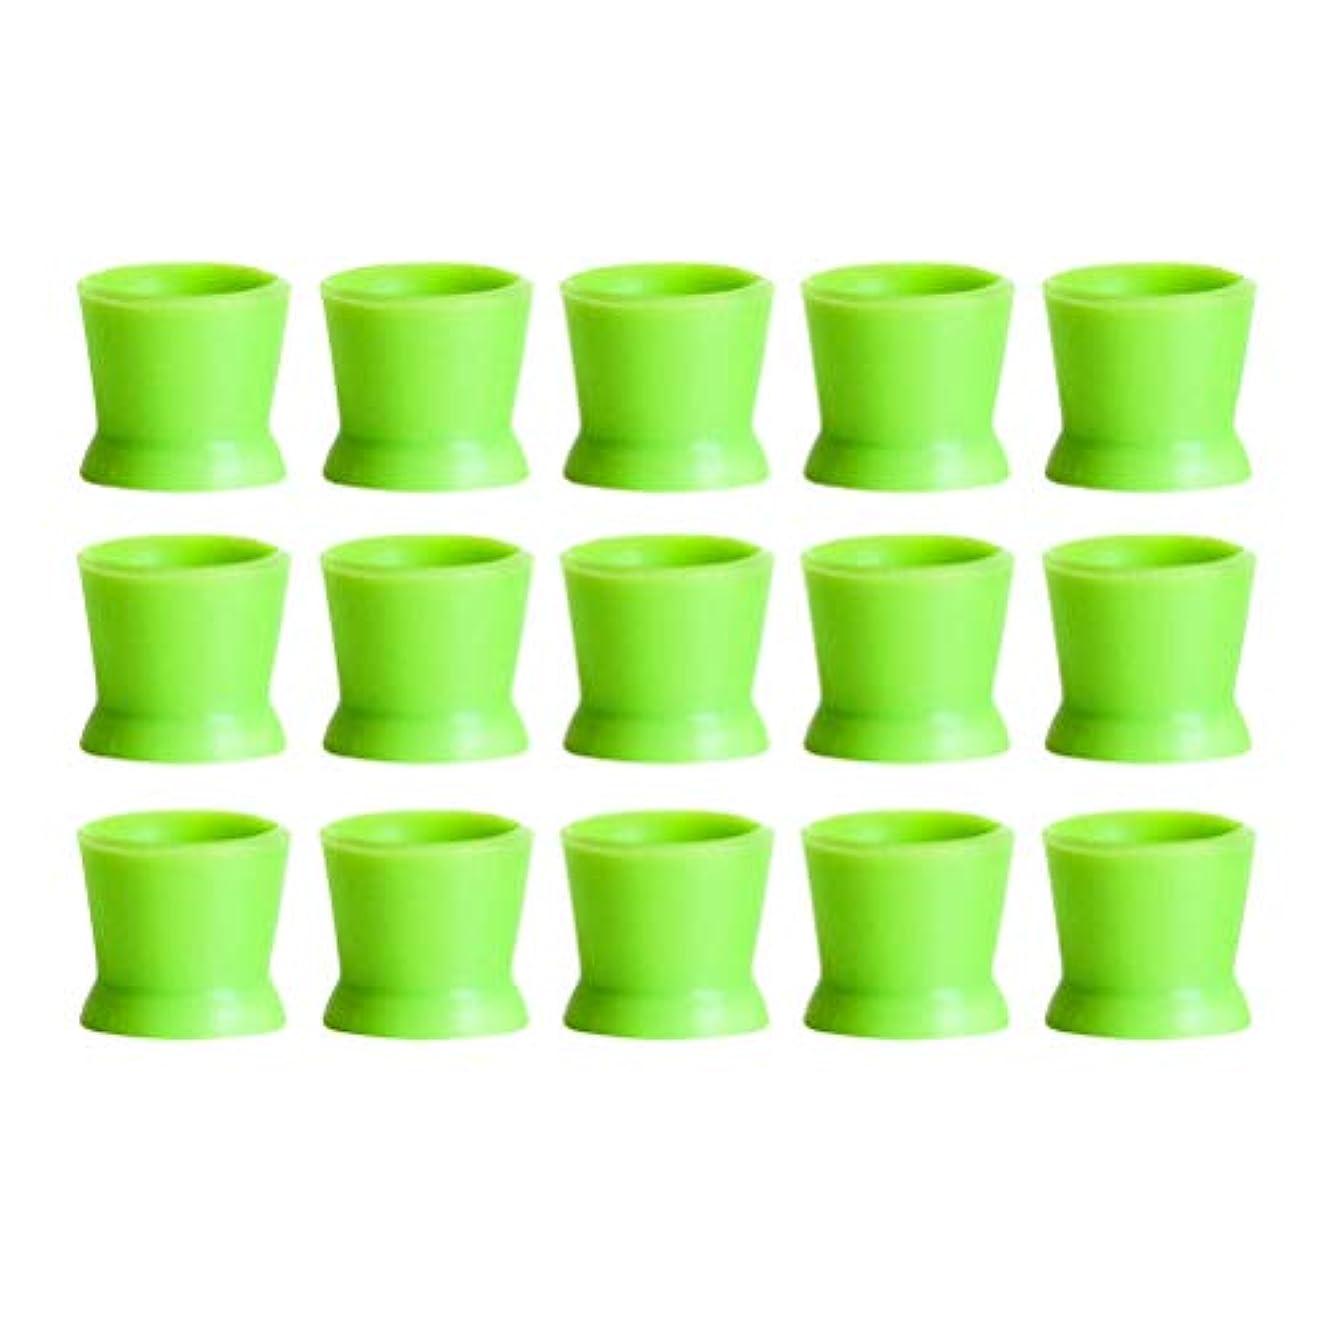 食器棚石炭エレベーターHealifty 300PCSシリコンタトゥーインクカップ使い捨てマイクロブレーディングピグメントキャップホルダーコンテナ永久的なまつげメイクアップアイブロー(グリーン)